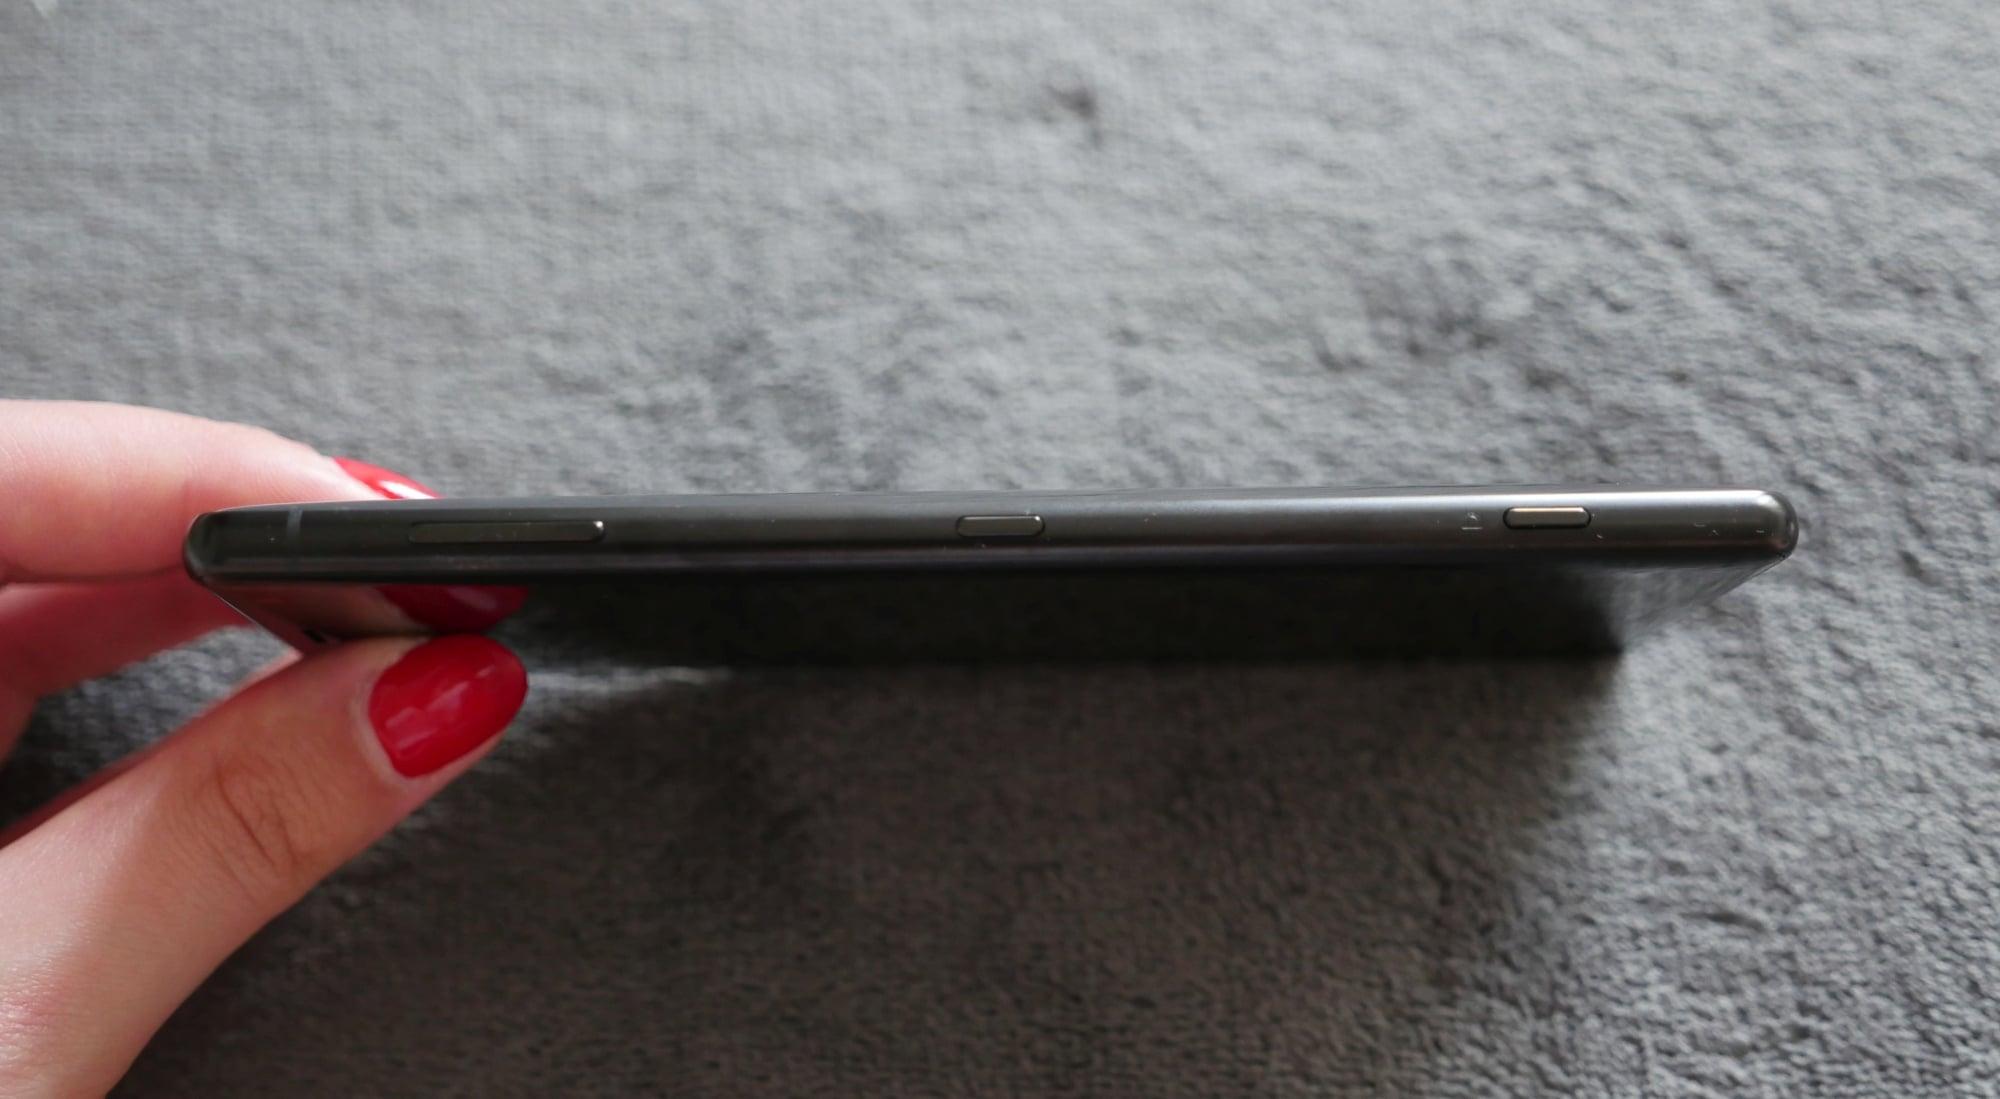 Skaner w fatalnym miejscu, ale reszta na wysokim poziomie - recenzja Sony Xperia XZ2